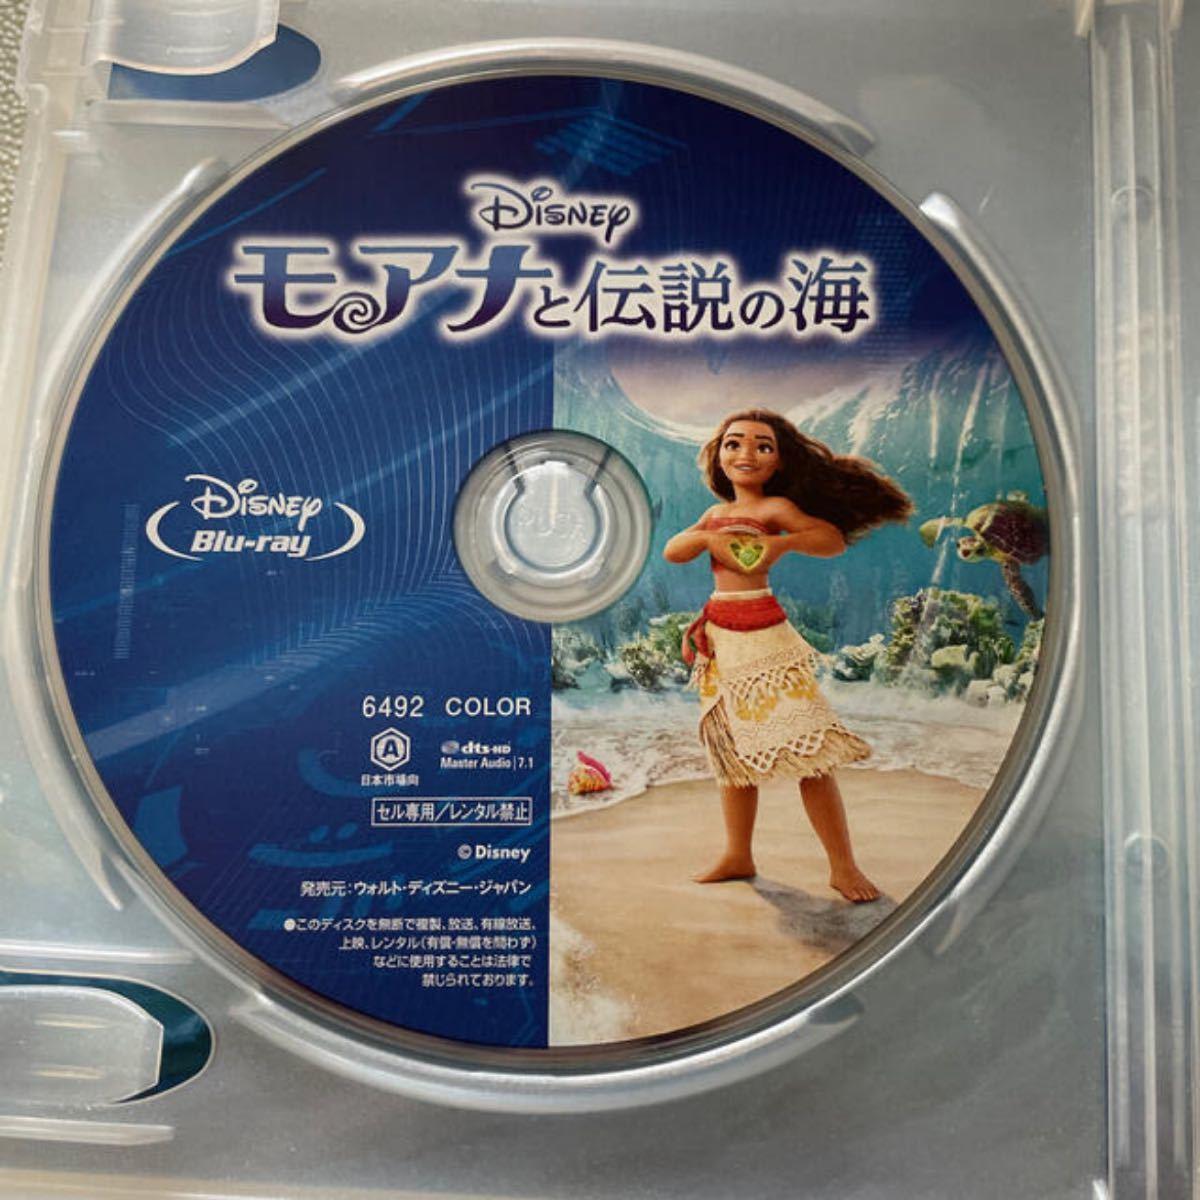 モアナと伝説の海 MovieNEX Blu-rayのみ